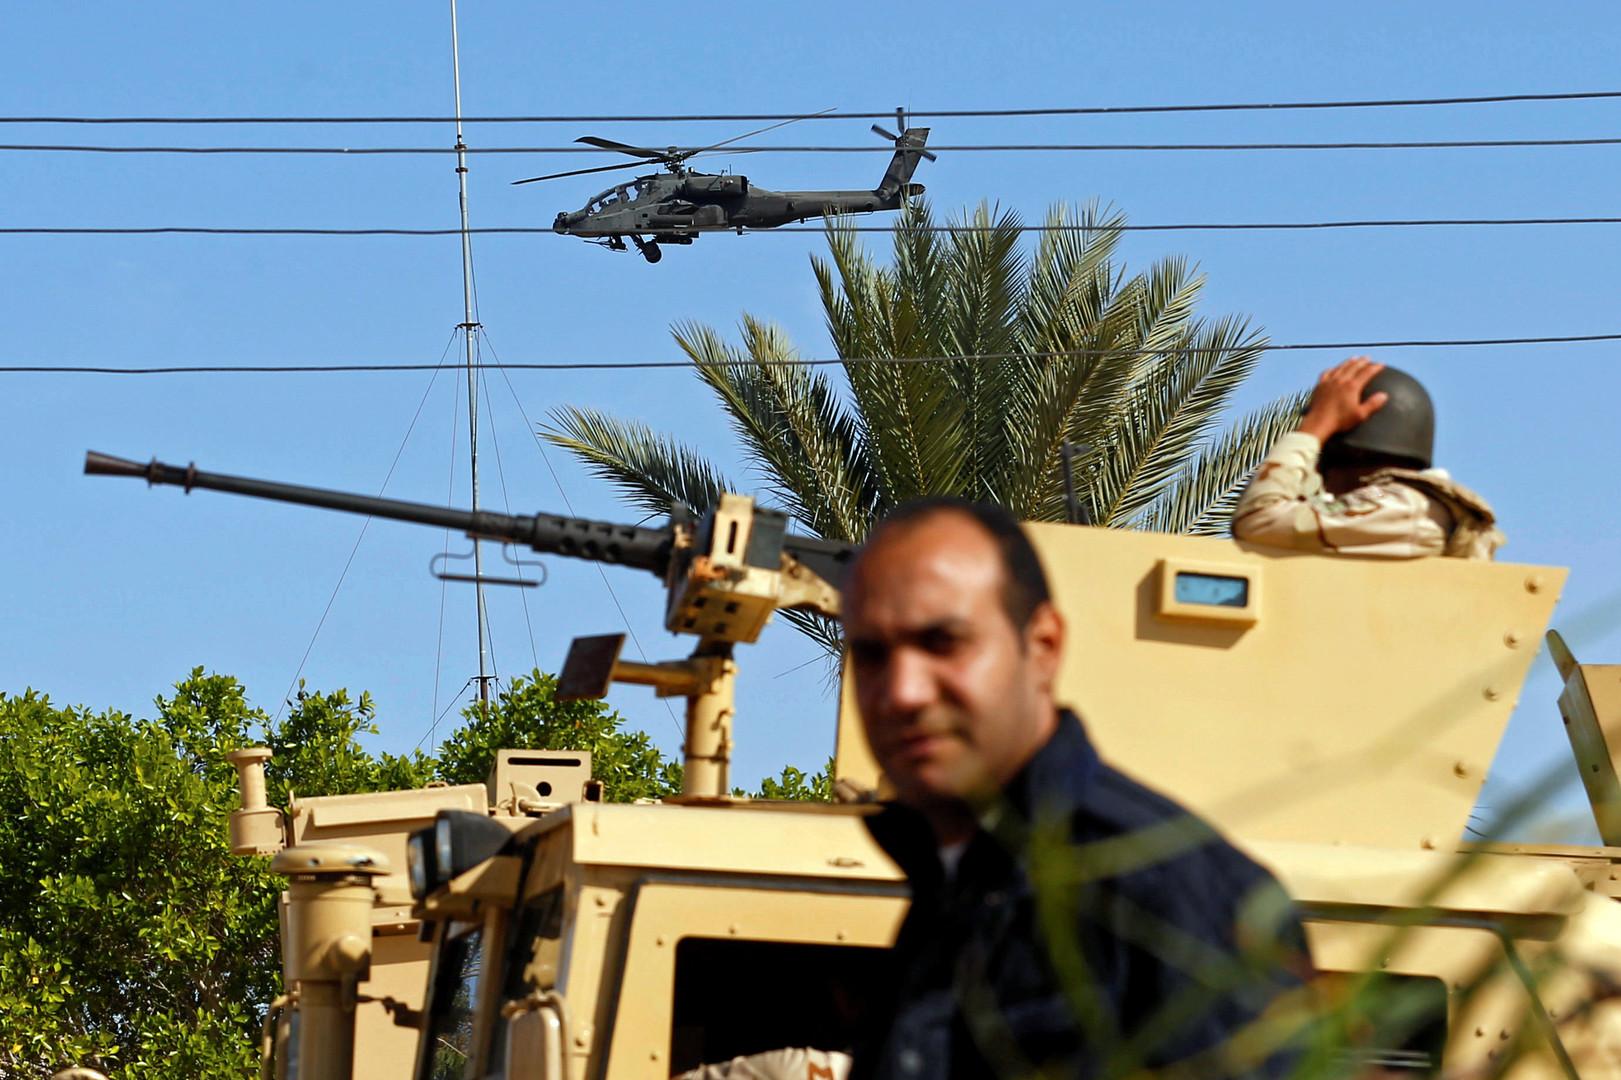 جانب من الوجود العسكري للجيش المصري في شمال سيناء